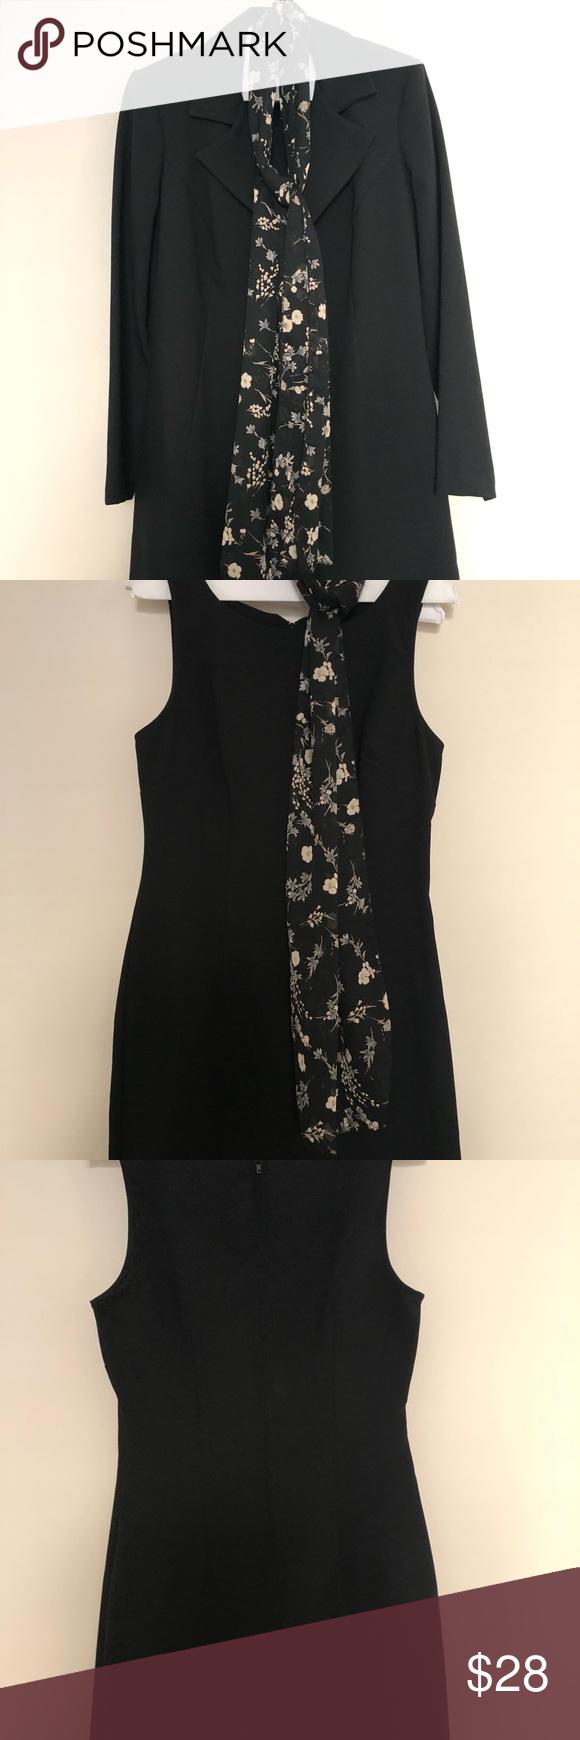 Dress Jacket With Scarf Jazz Dress Dresses Jacket Dress [ 1740 x 580 Pixel ]